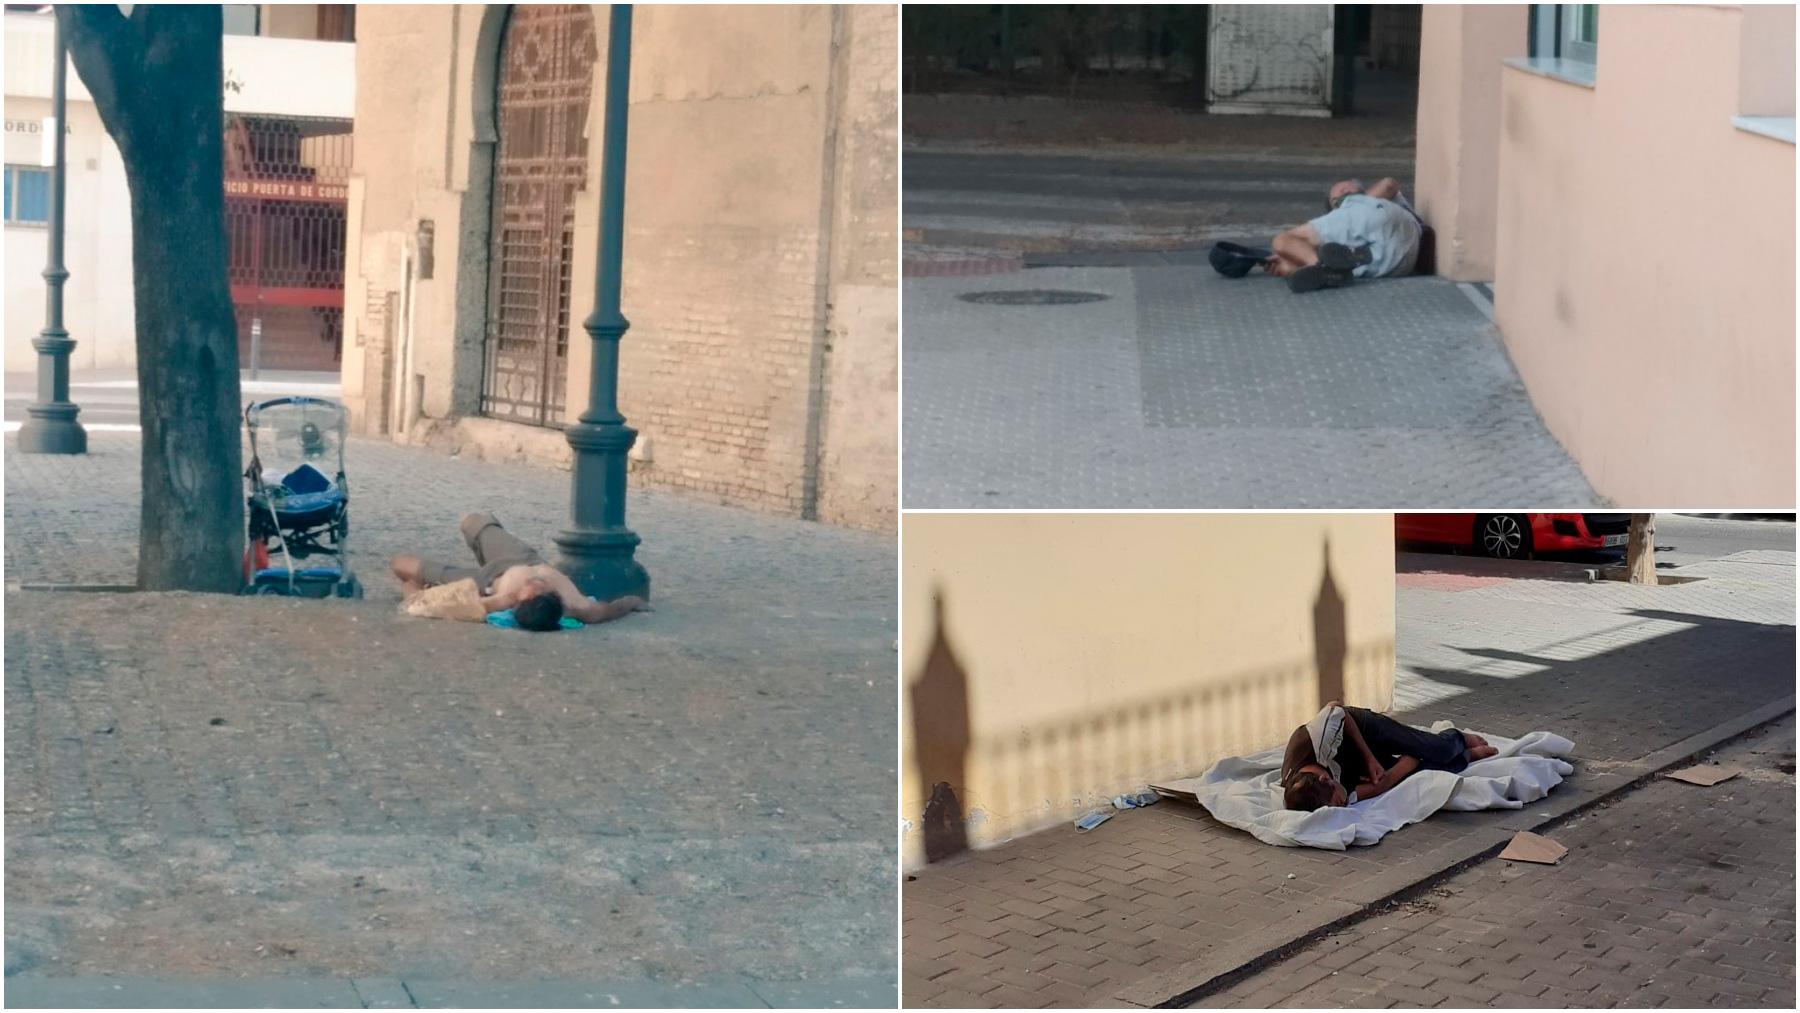 Los sevillanos denuncian sintechos en las calles.